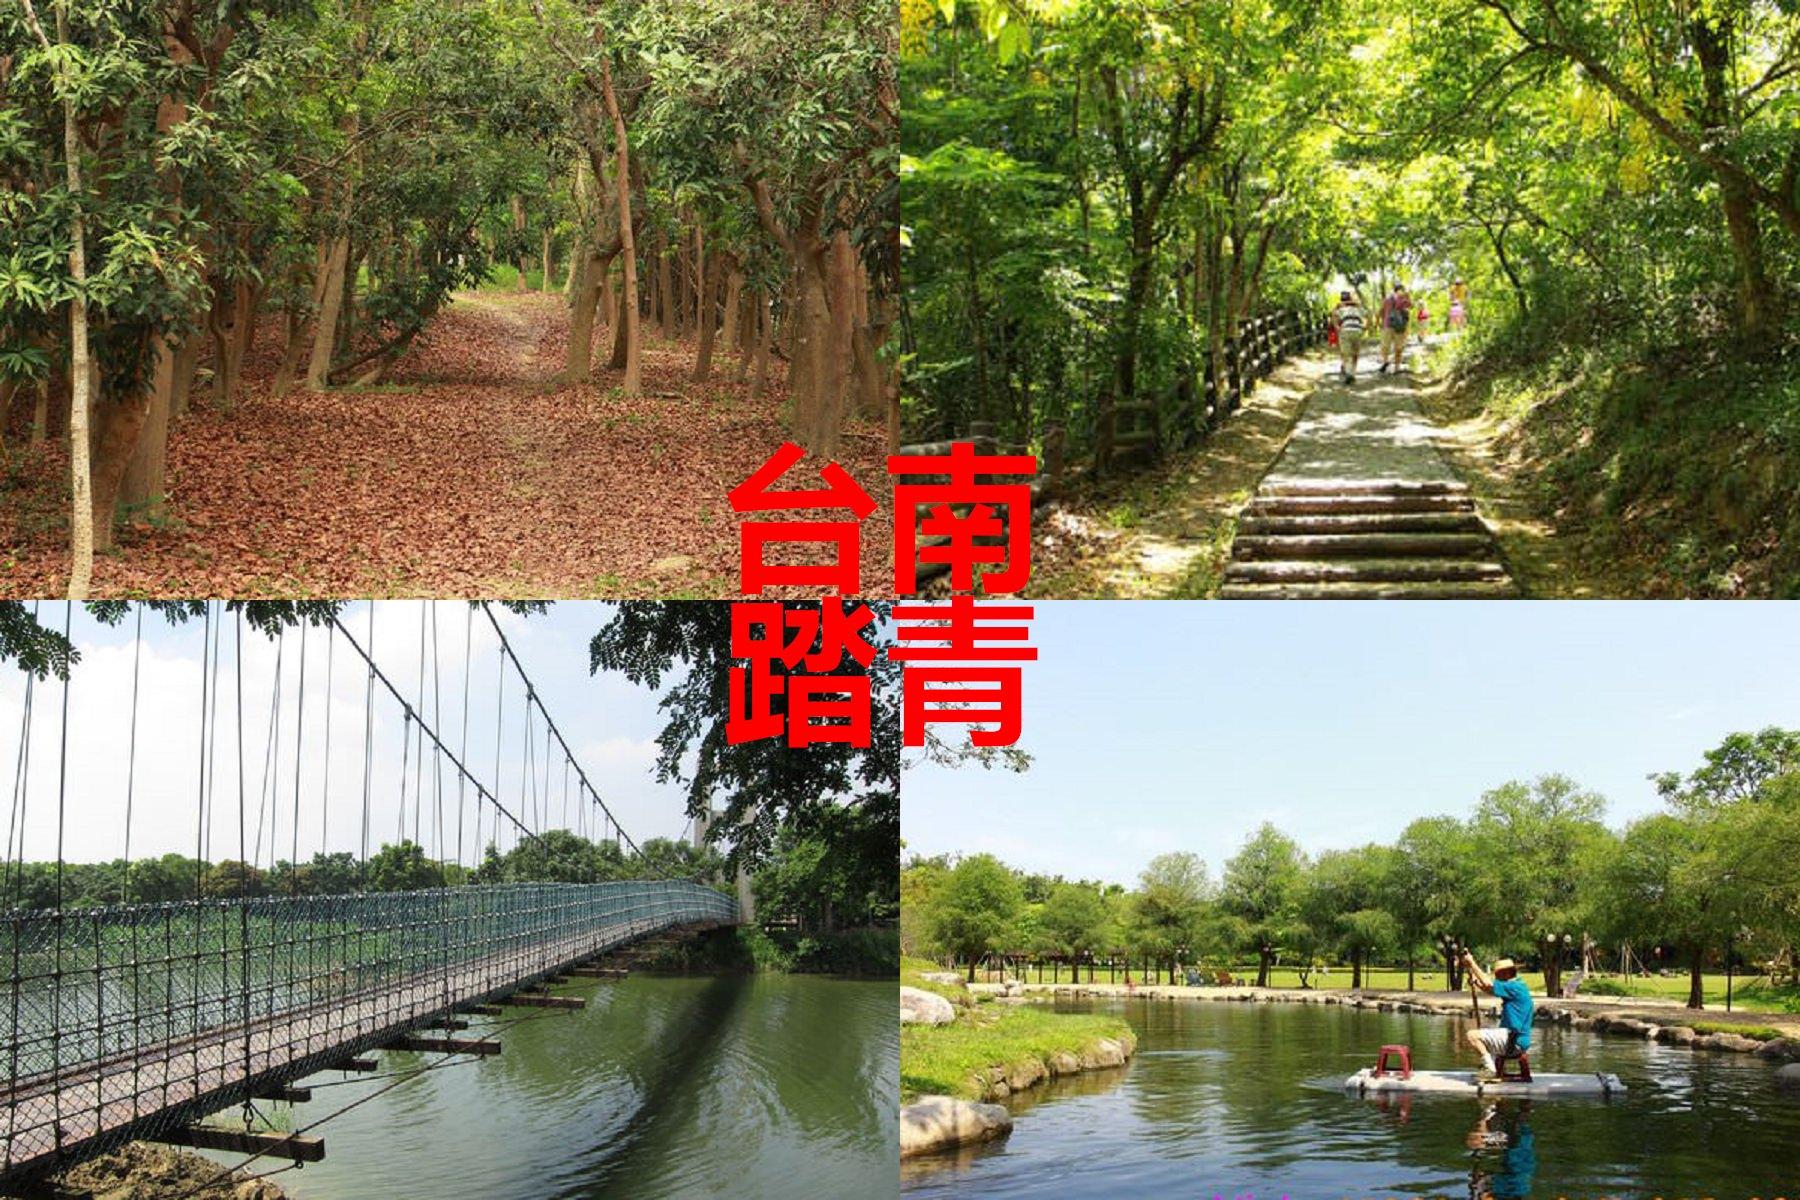 台南旅遊︱13個綠油油護眼、踏青景點:一起大口森呼吸、親近大自然